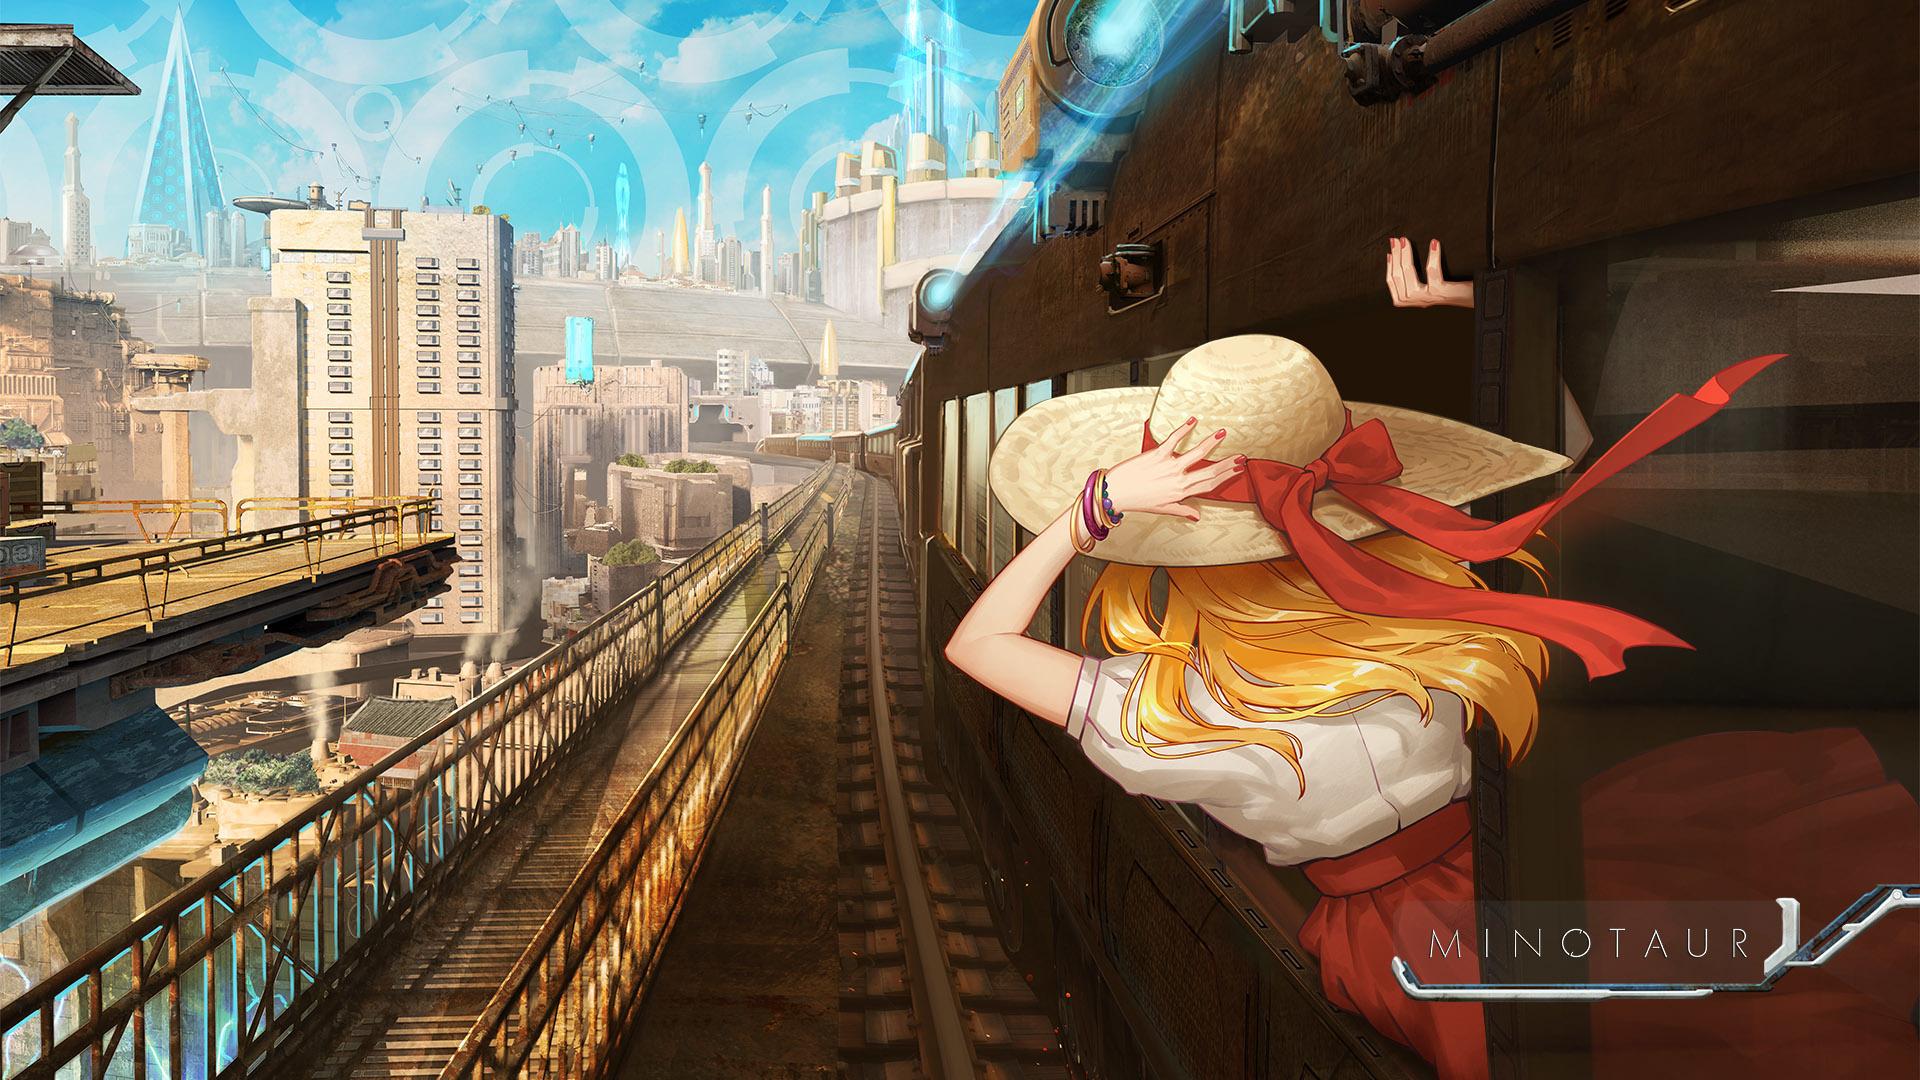 賽博朋克冒險遊戲《米諾陶》4月發售